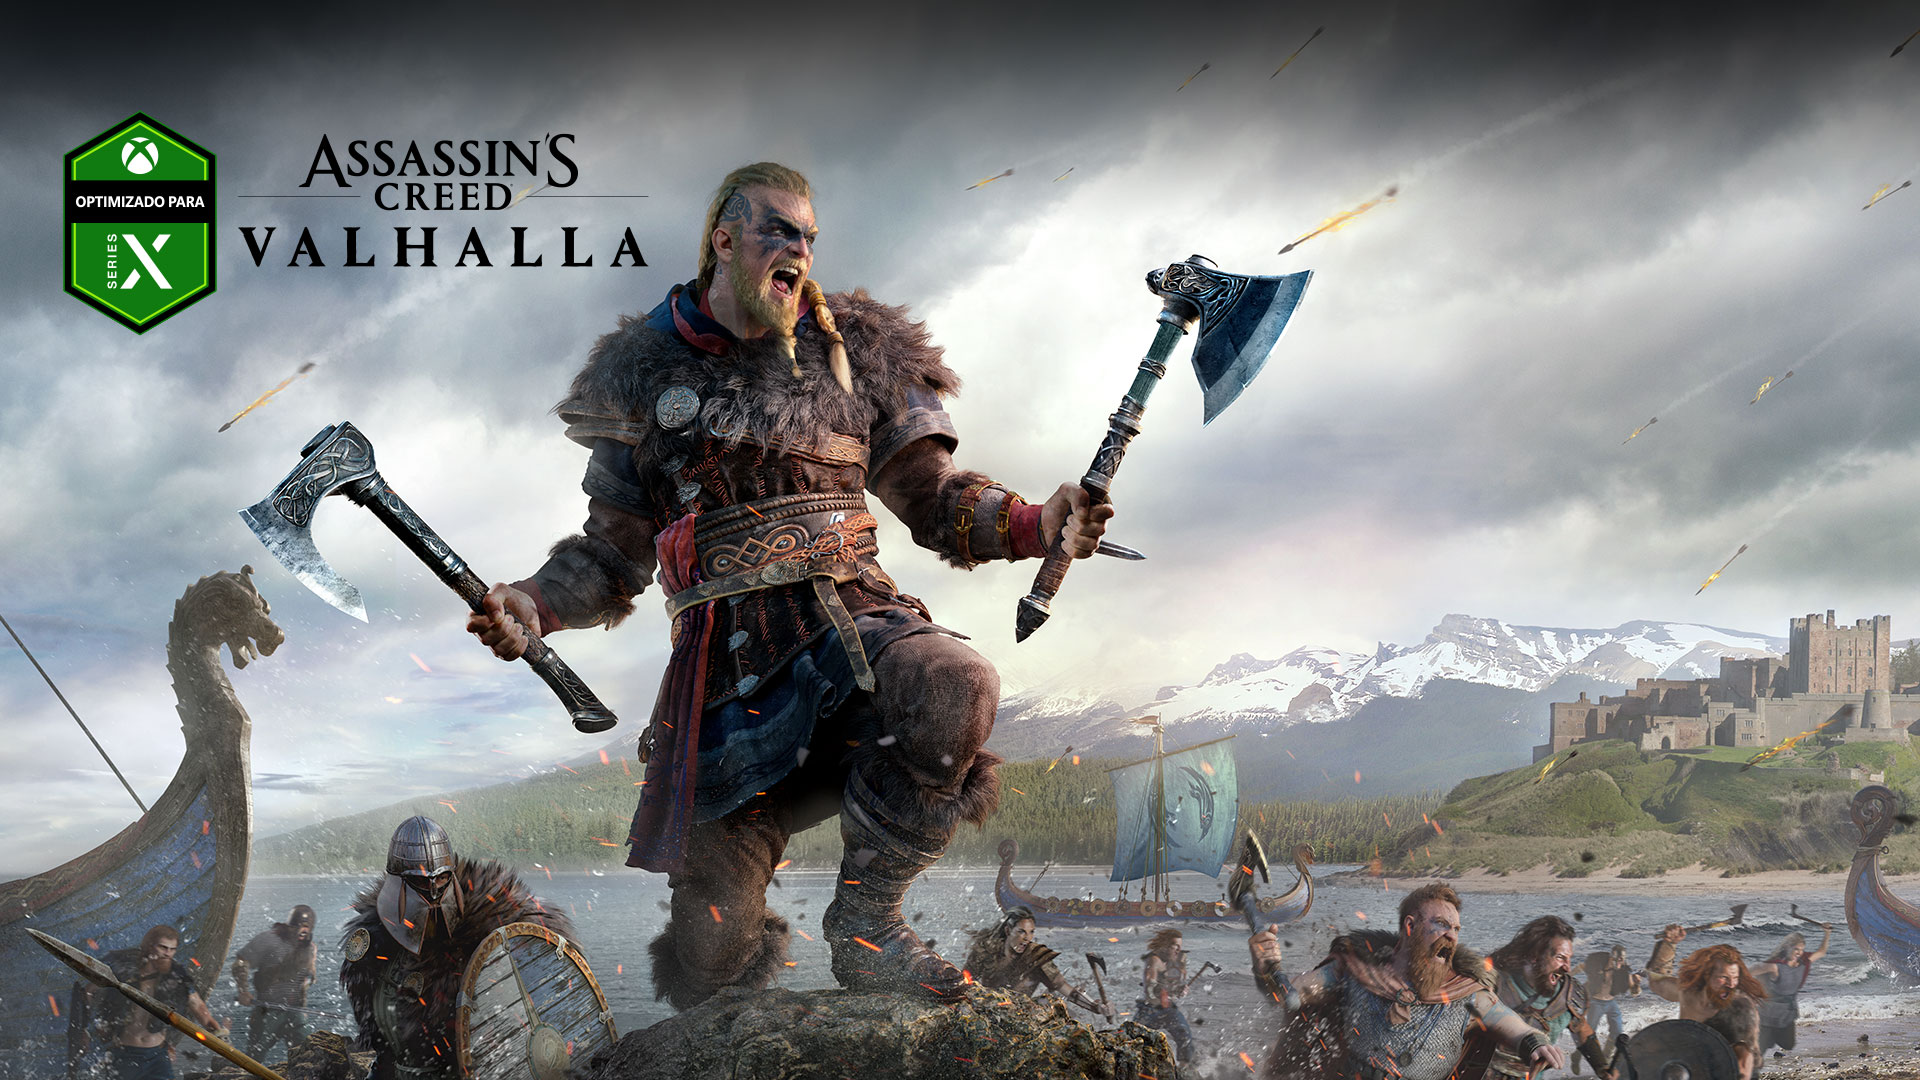 Logotipo de Optimizado para Xbox Series X, Assassin's Creed Valhalla, personaje con dos hachas durante una batalla